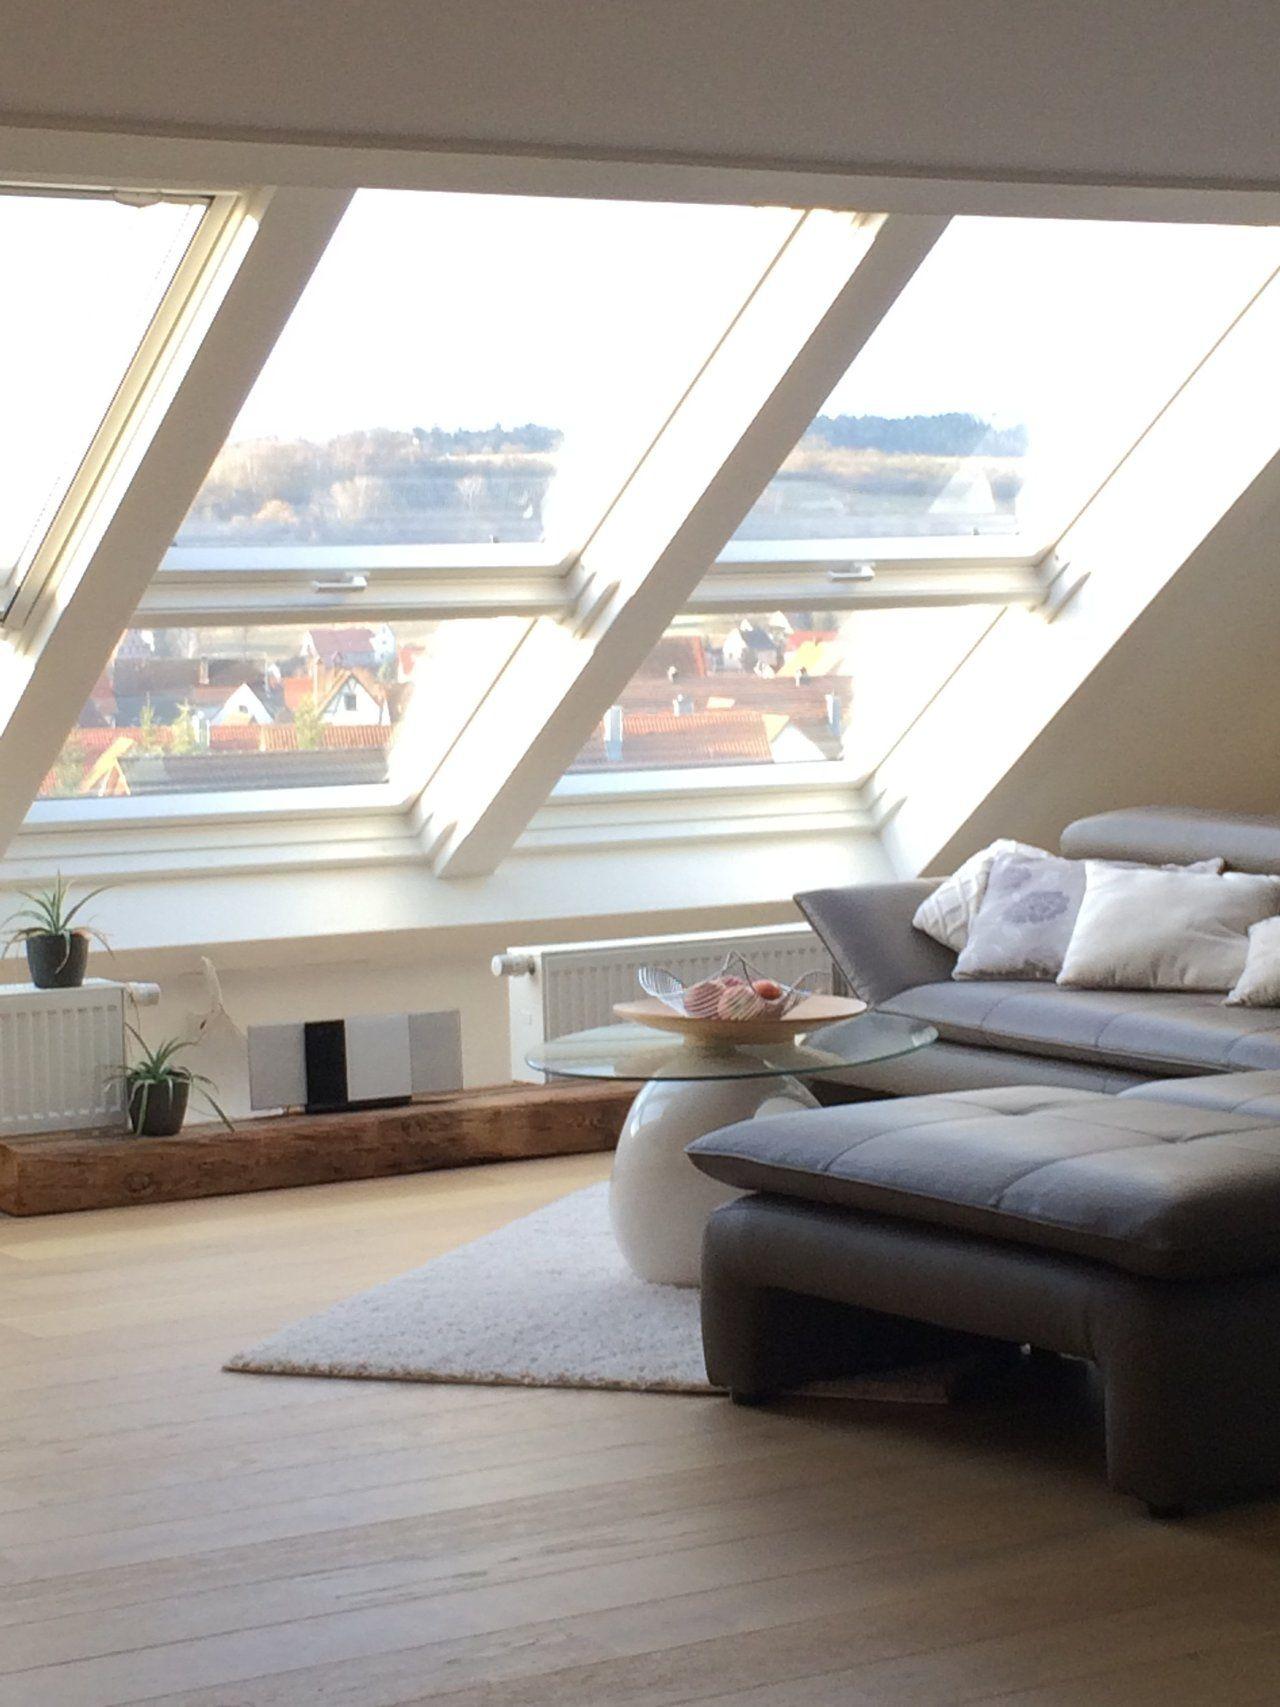 Raumgestaltung | Dachfenster en 2019 | Dachbodenausbau ...